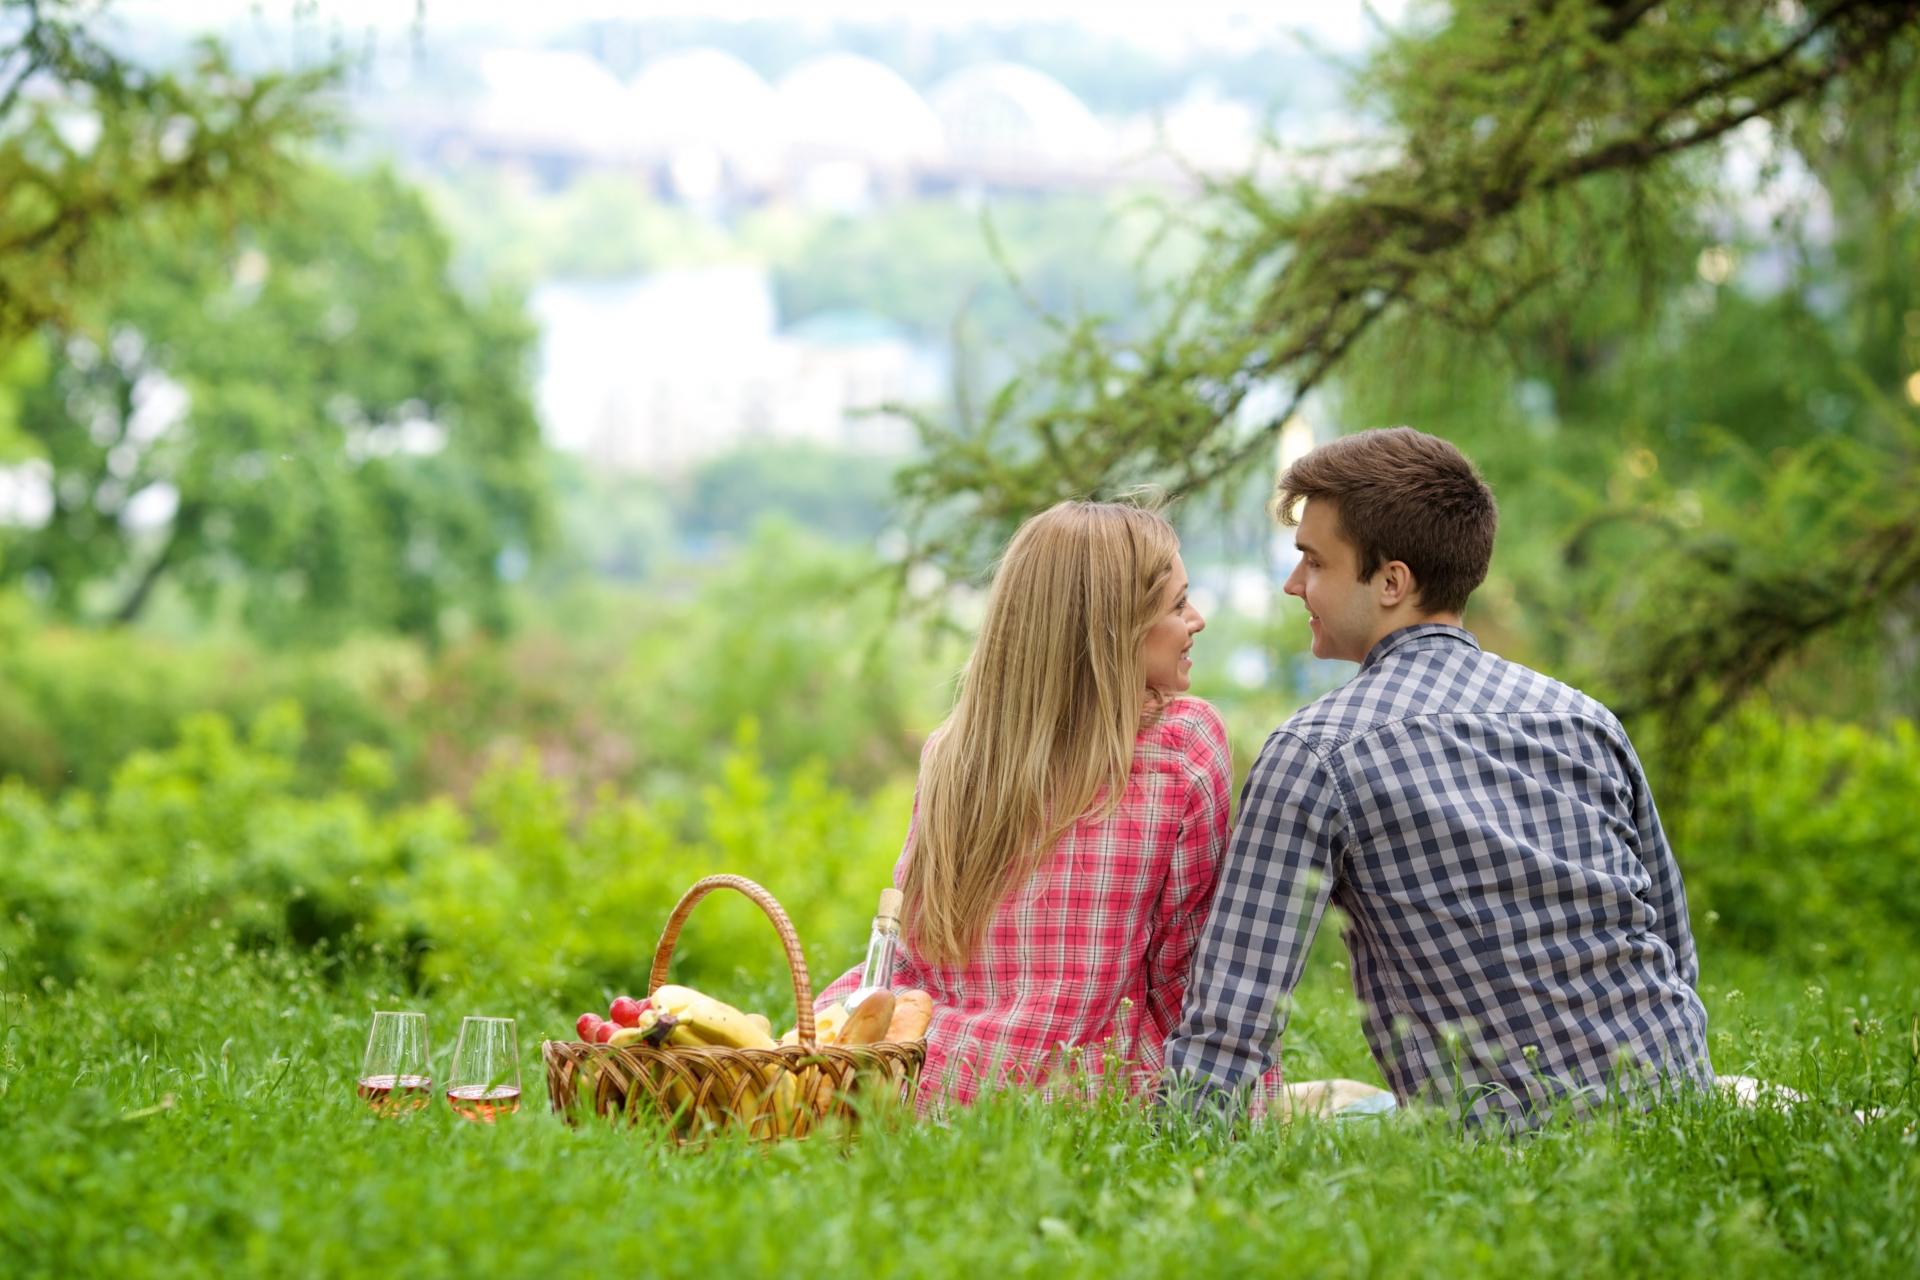 恋愛が無駄だと感じる人の特徴とは?恋愛を楽しめるための考え方。